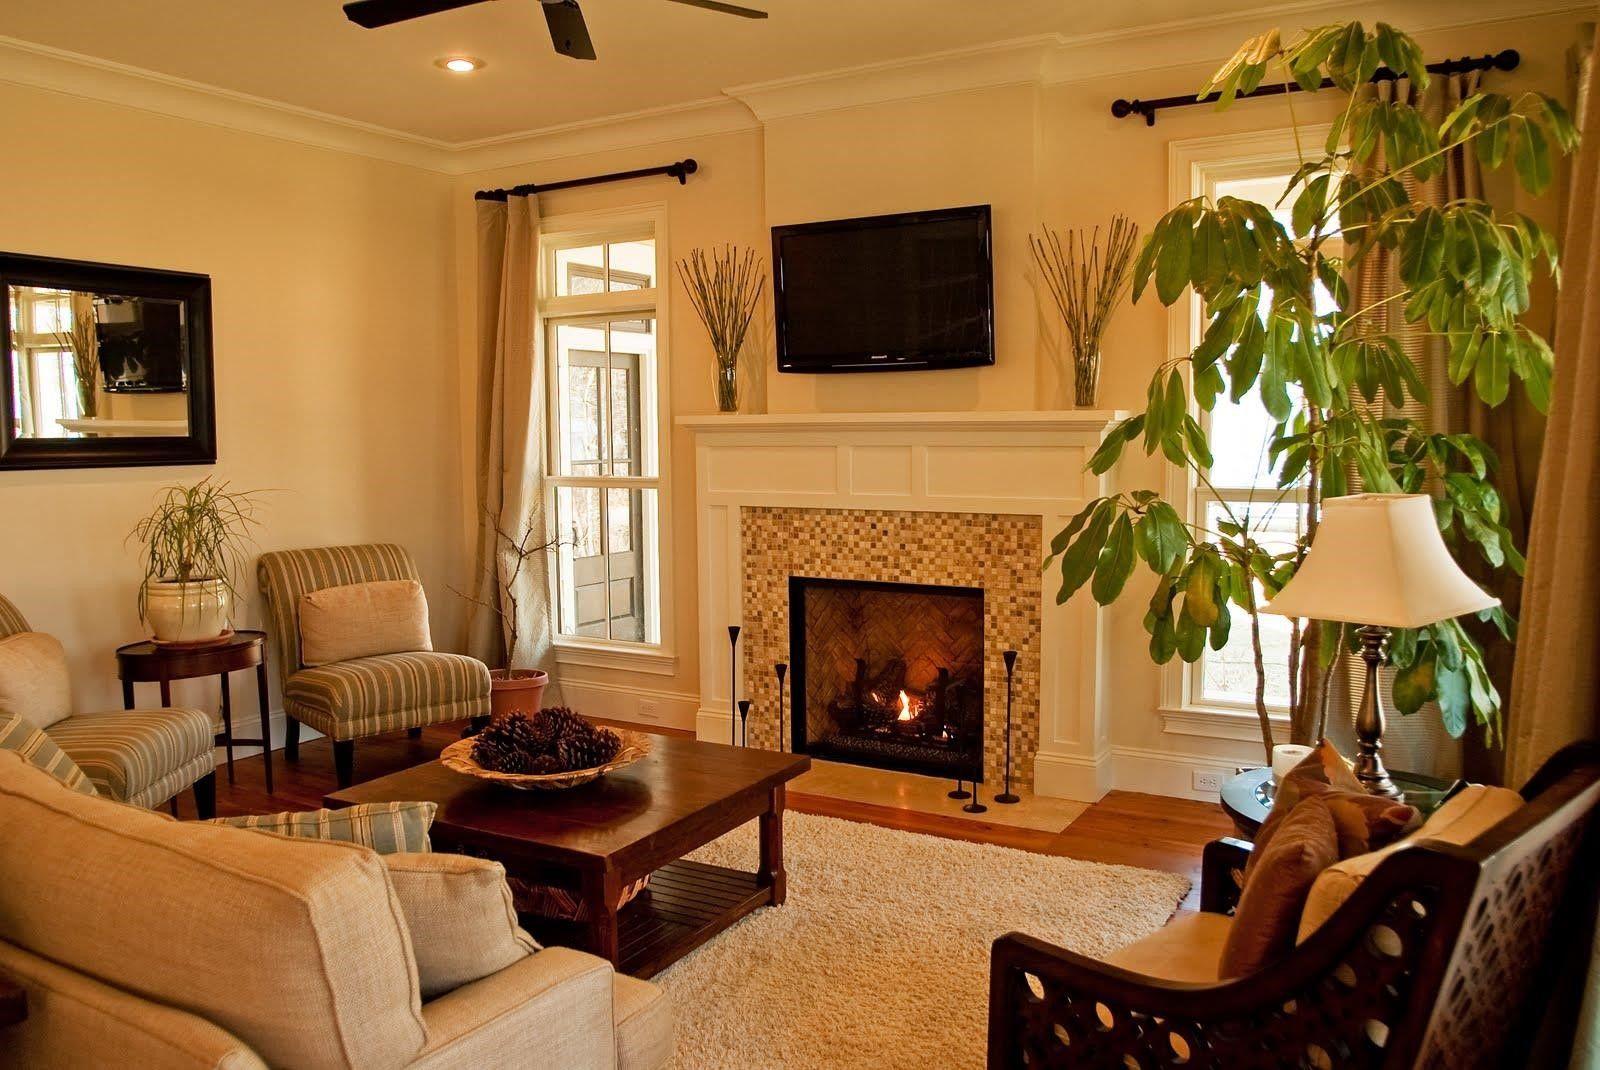 Corner Designs For Living Room Cool Corner Of Living Room Ideas  Small Living Room Ideas With Corner Inspiration Design